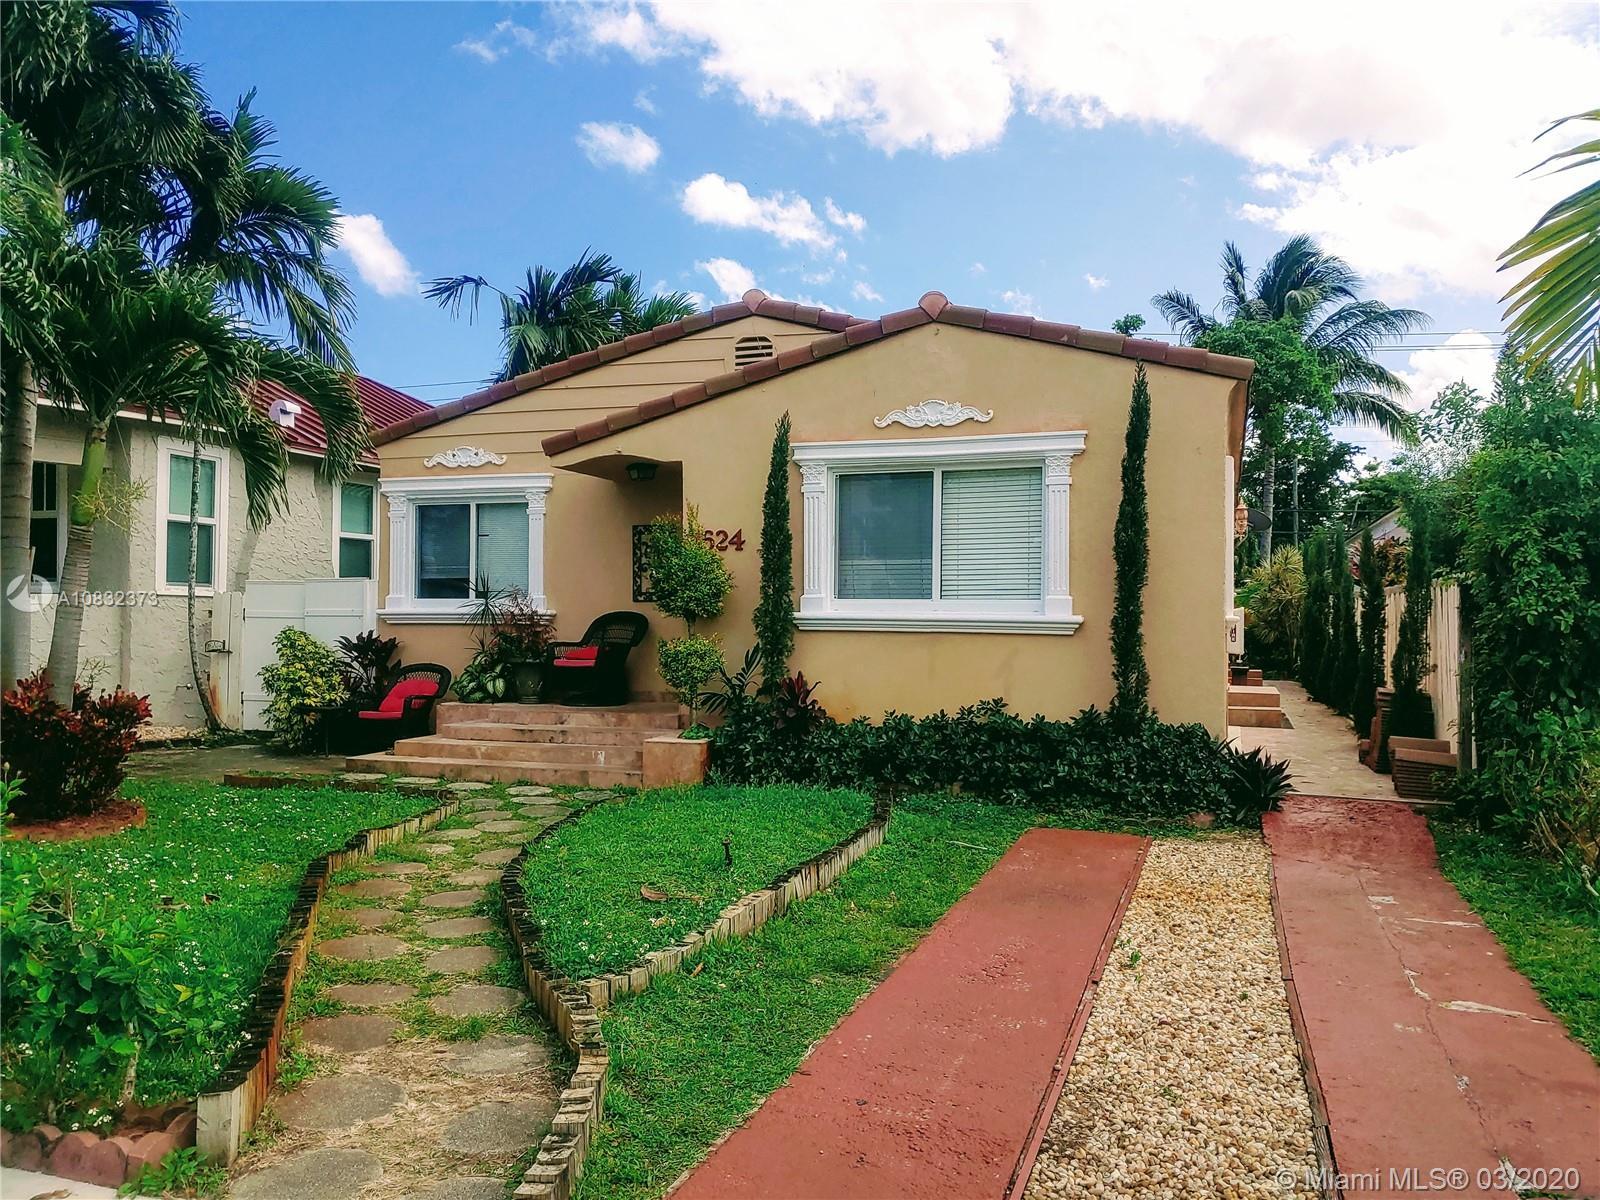 1624  Van Buren St  For Sale A10832373, FL